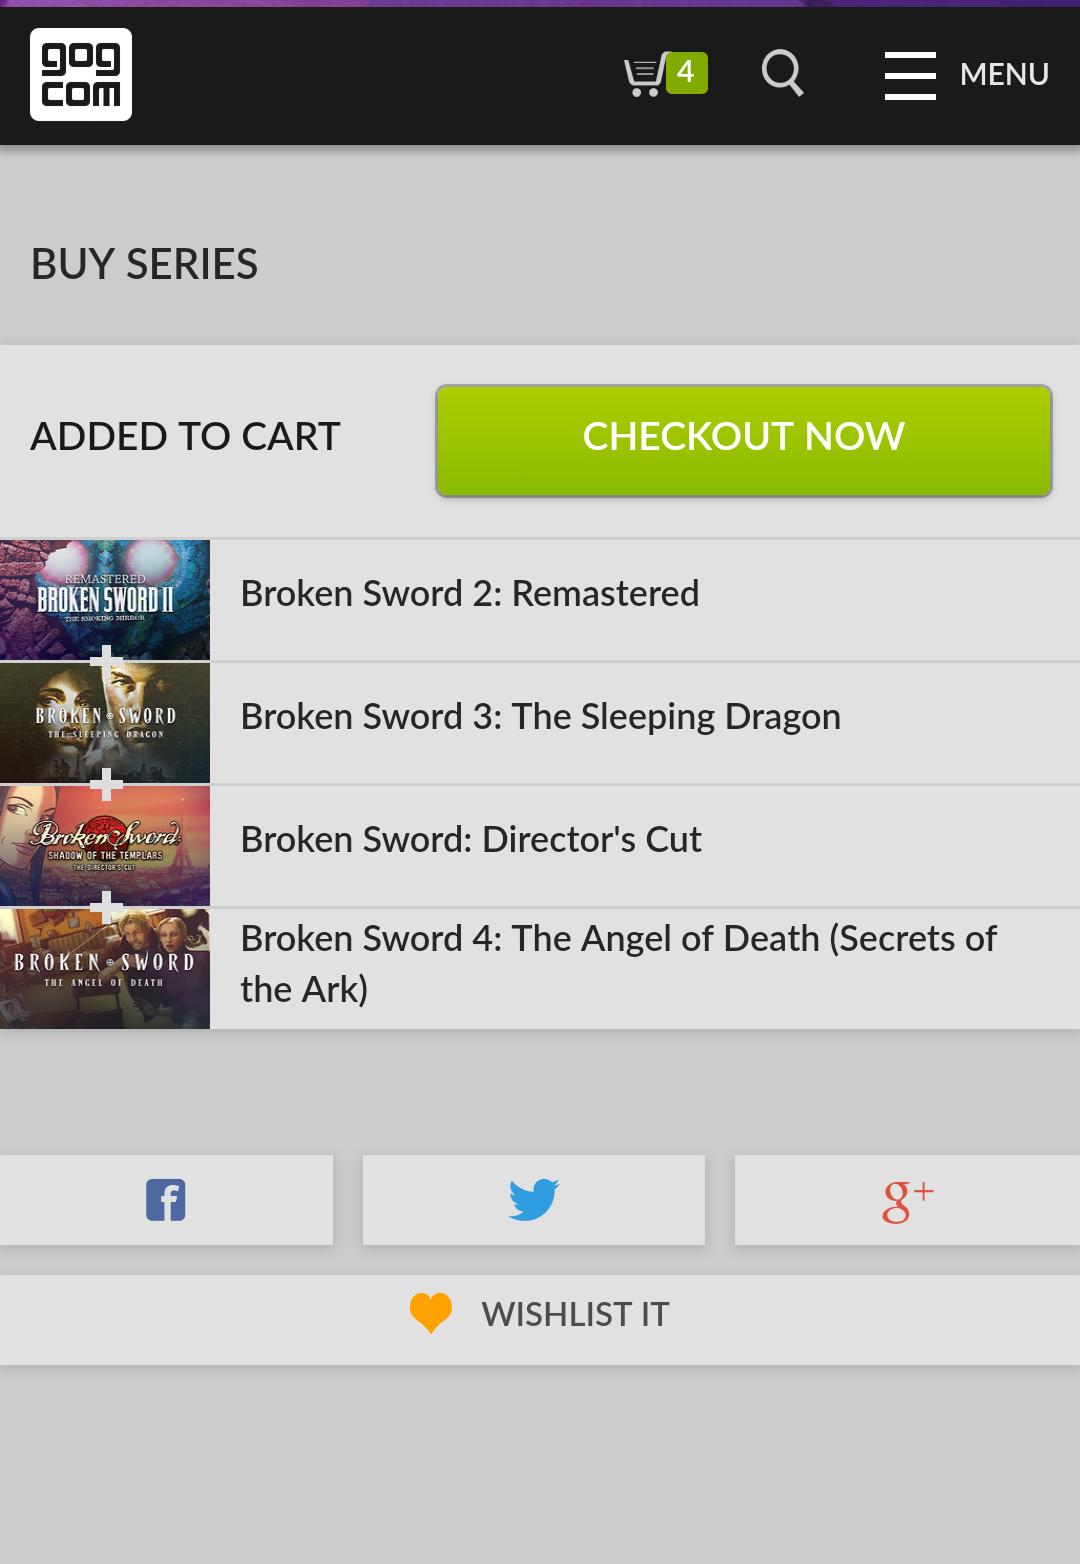 Broken Sword Bundle of 4 PC games inc Broken Sword directors cut, Broken Sword 2 Remastered, Broken Sword 3: The Sleeping Dragon and Broken Sword 4: Angel Of Death @ GOG.com for £3.96